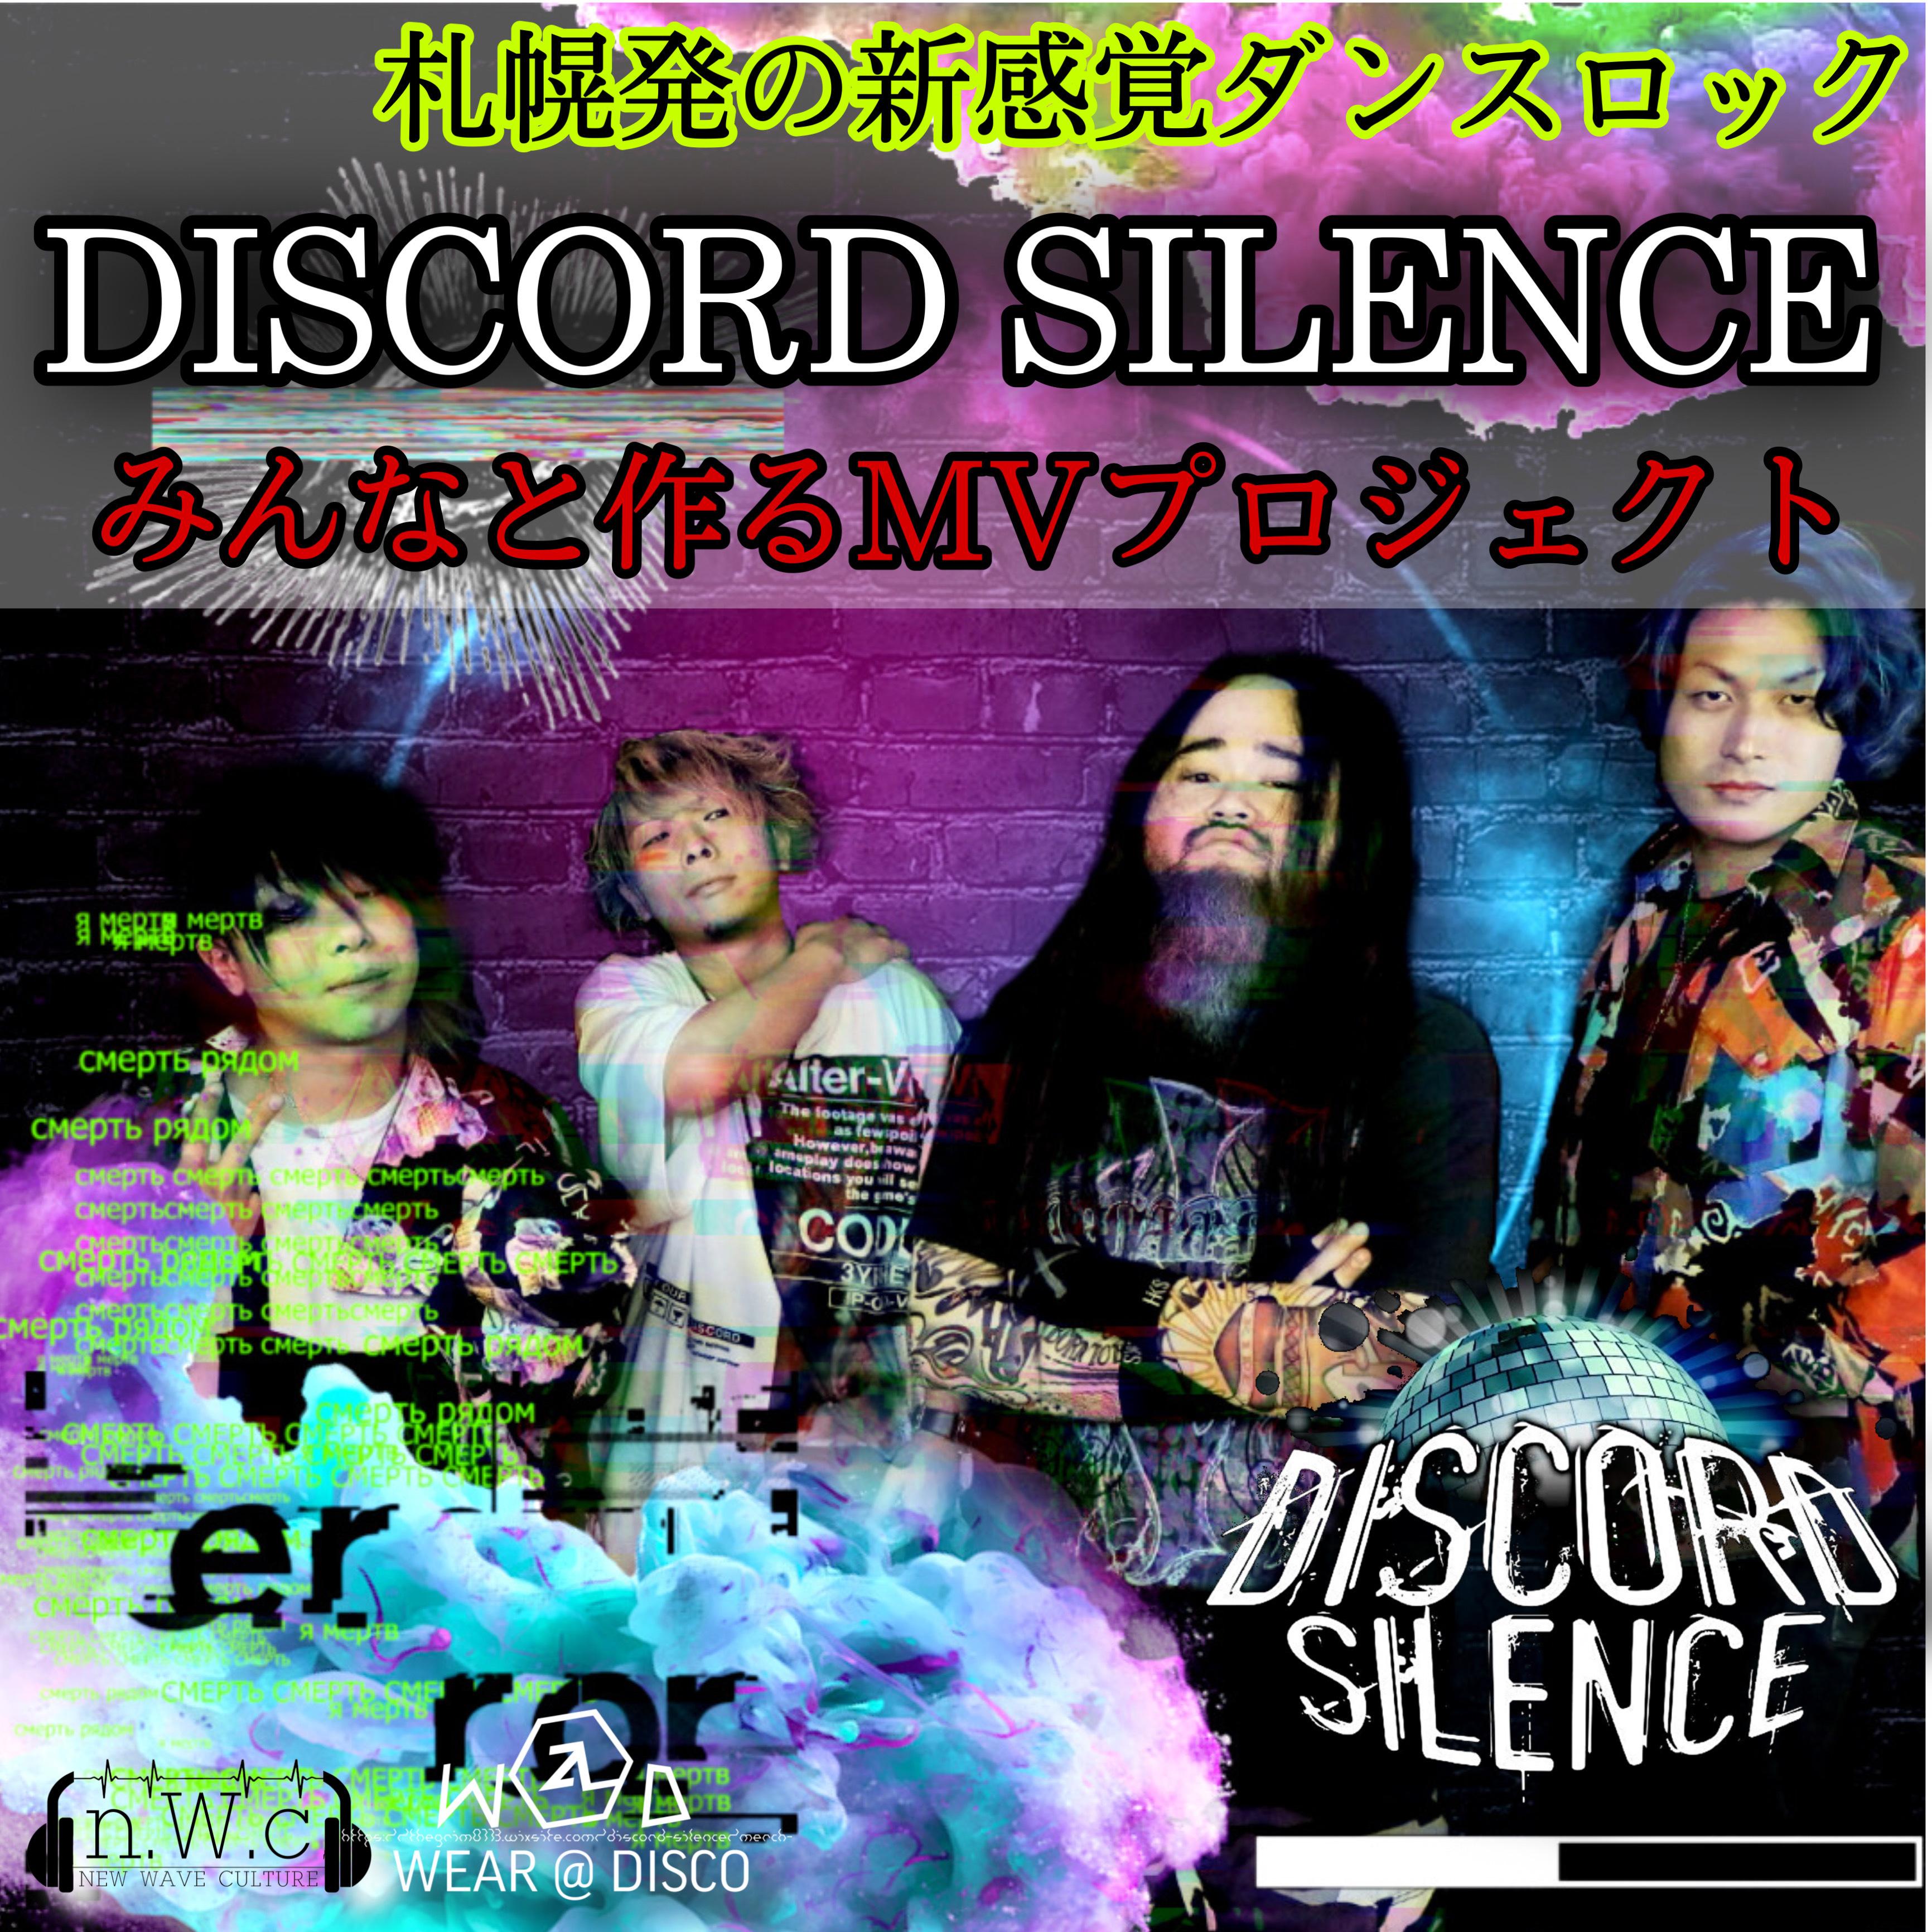 【DISCORD SILENCE】活動5周年となる1作目のMVを制作プロジェクト!